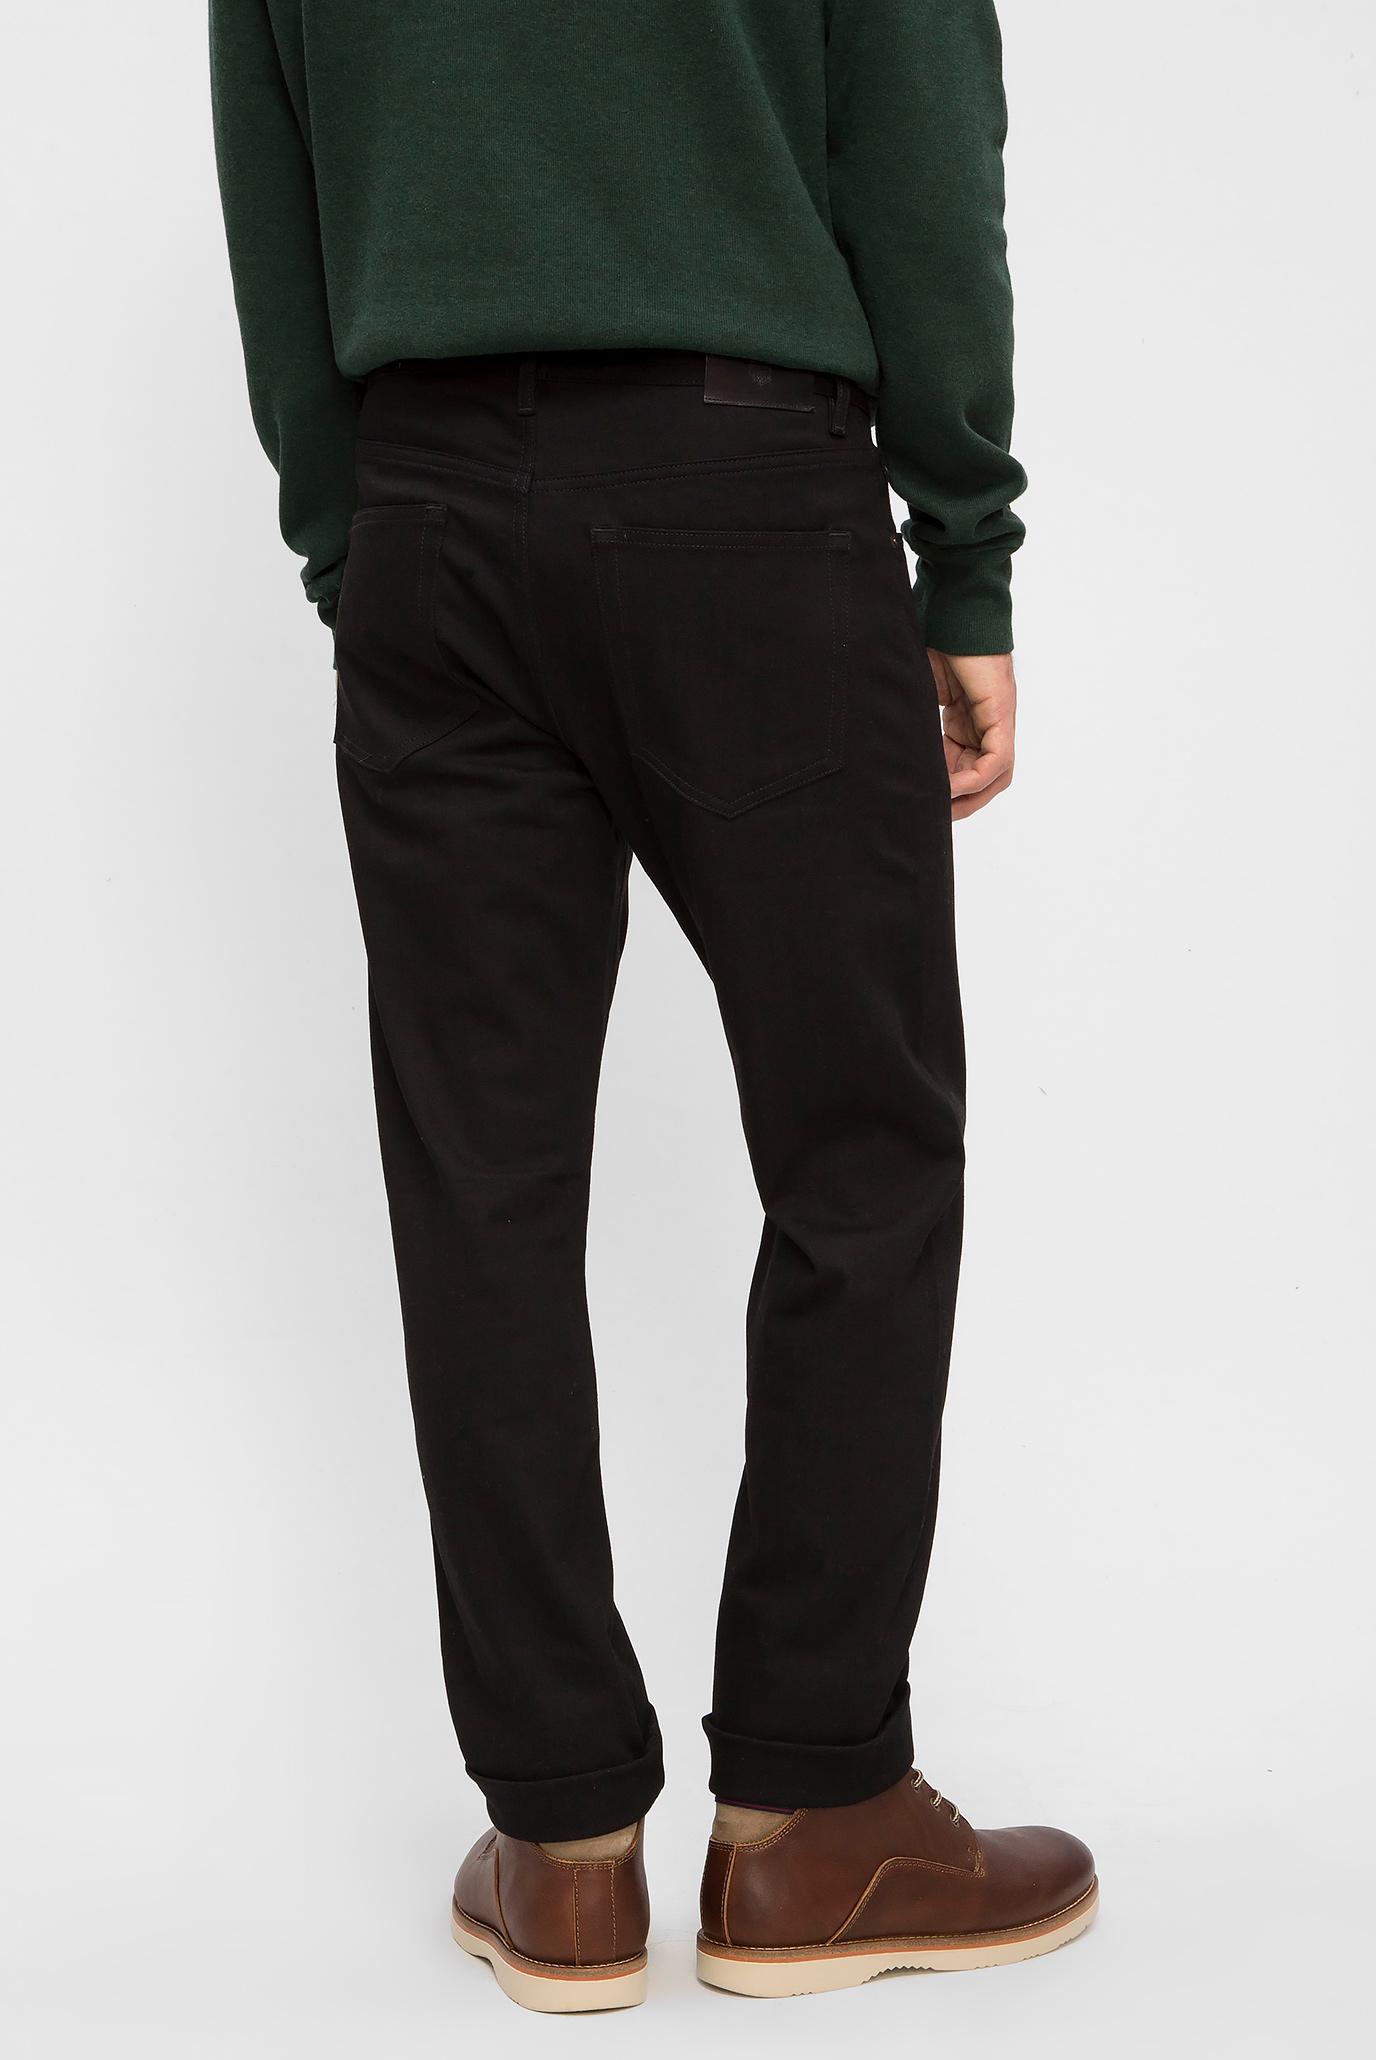 Купить Мужские черные джинсы SLIM STRAIGHT BLACK IS BLACK JEAN Gant Gant 1032908 – Киев, Украина. Цены в интернет магазине MD Fashion